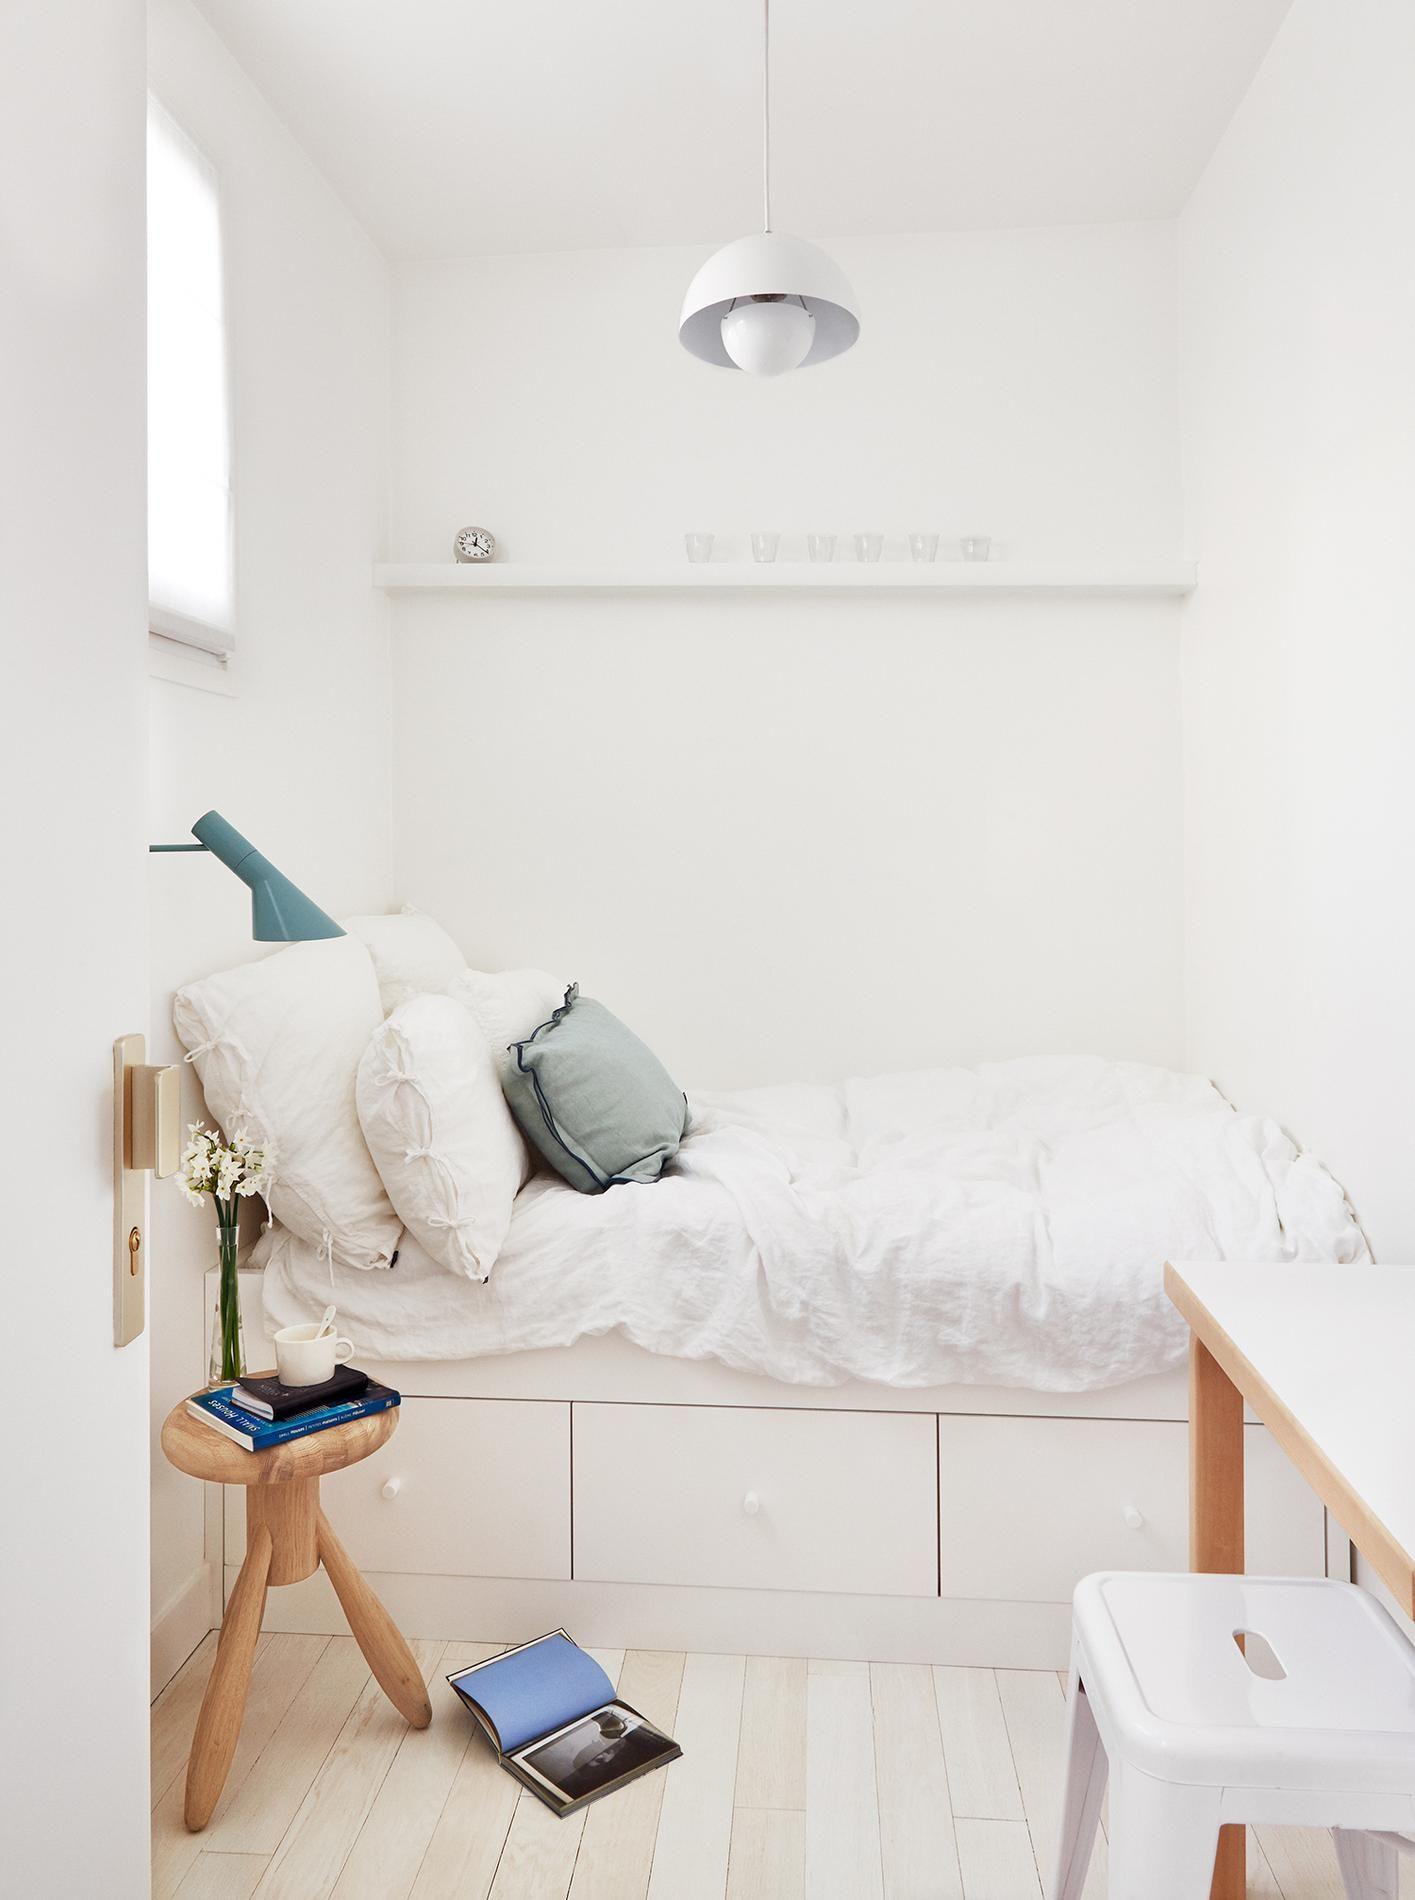 petite chambre kleine slaapkamer